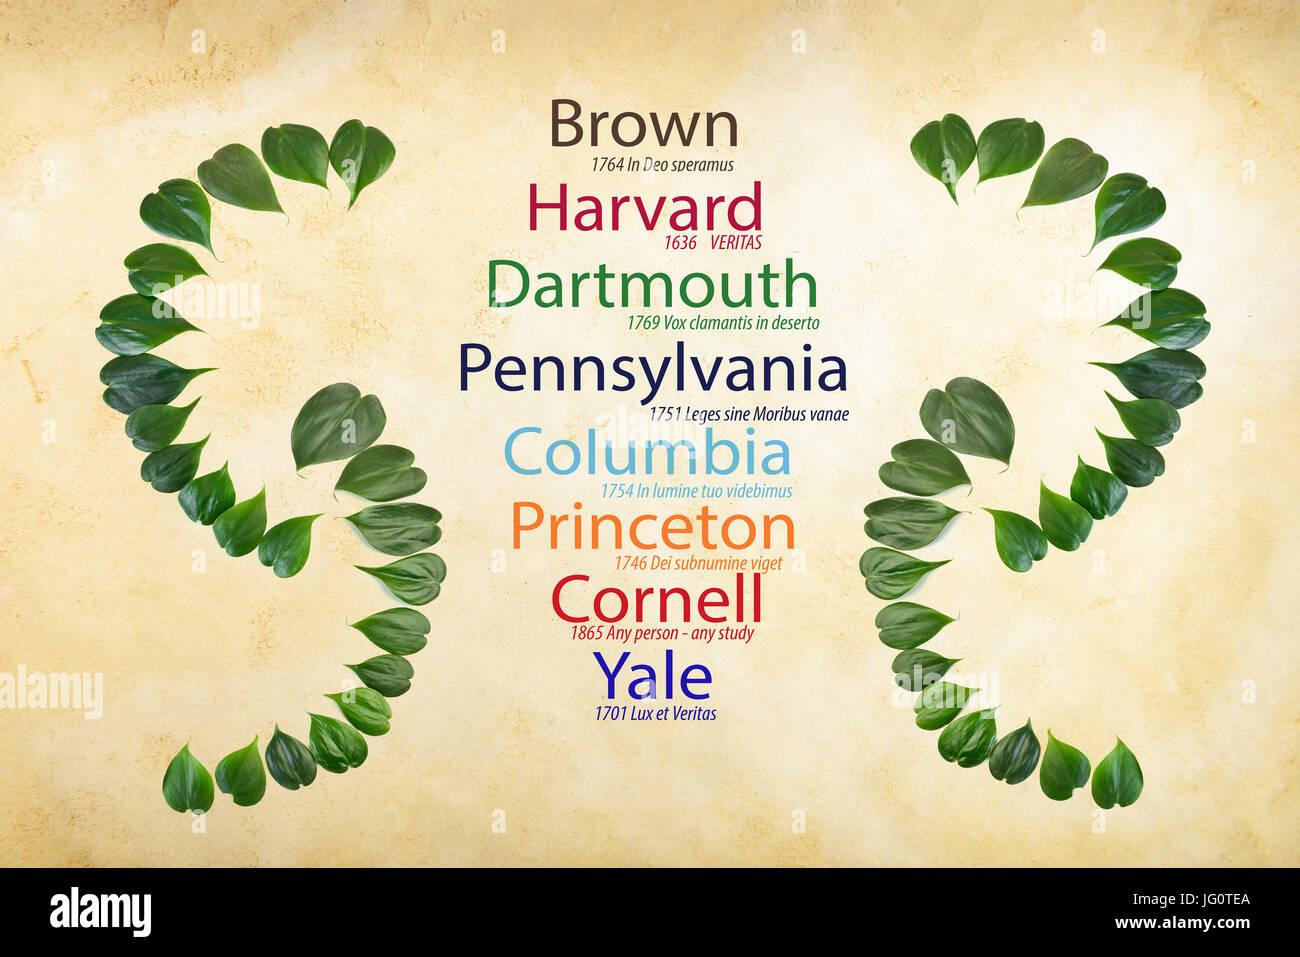 Las universidades Ivy League pintados de colores adecuados con fecha de fundada y lemas en vintage papel Imagen De Stock